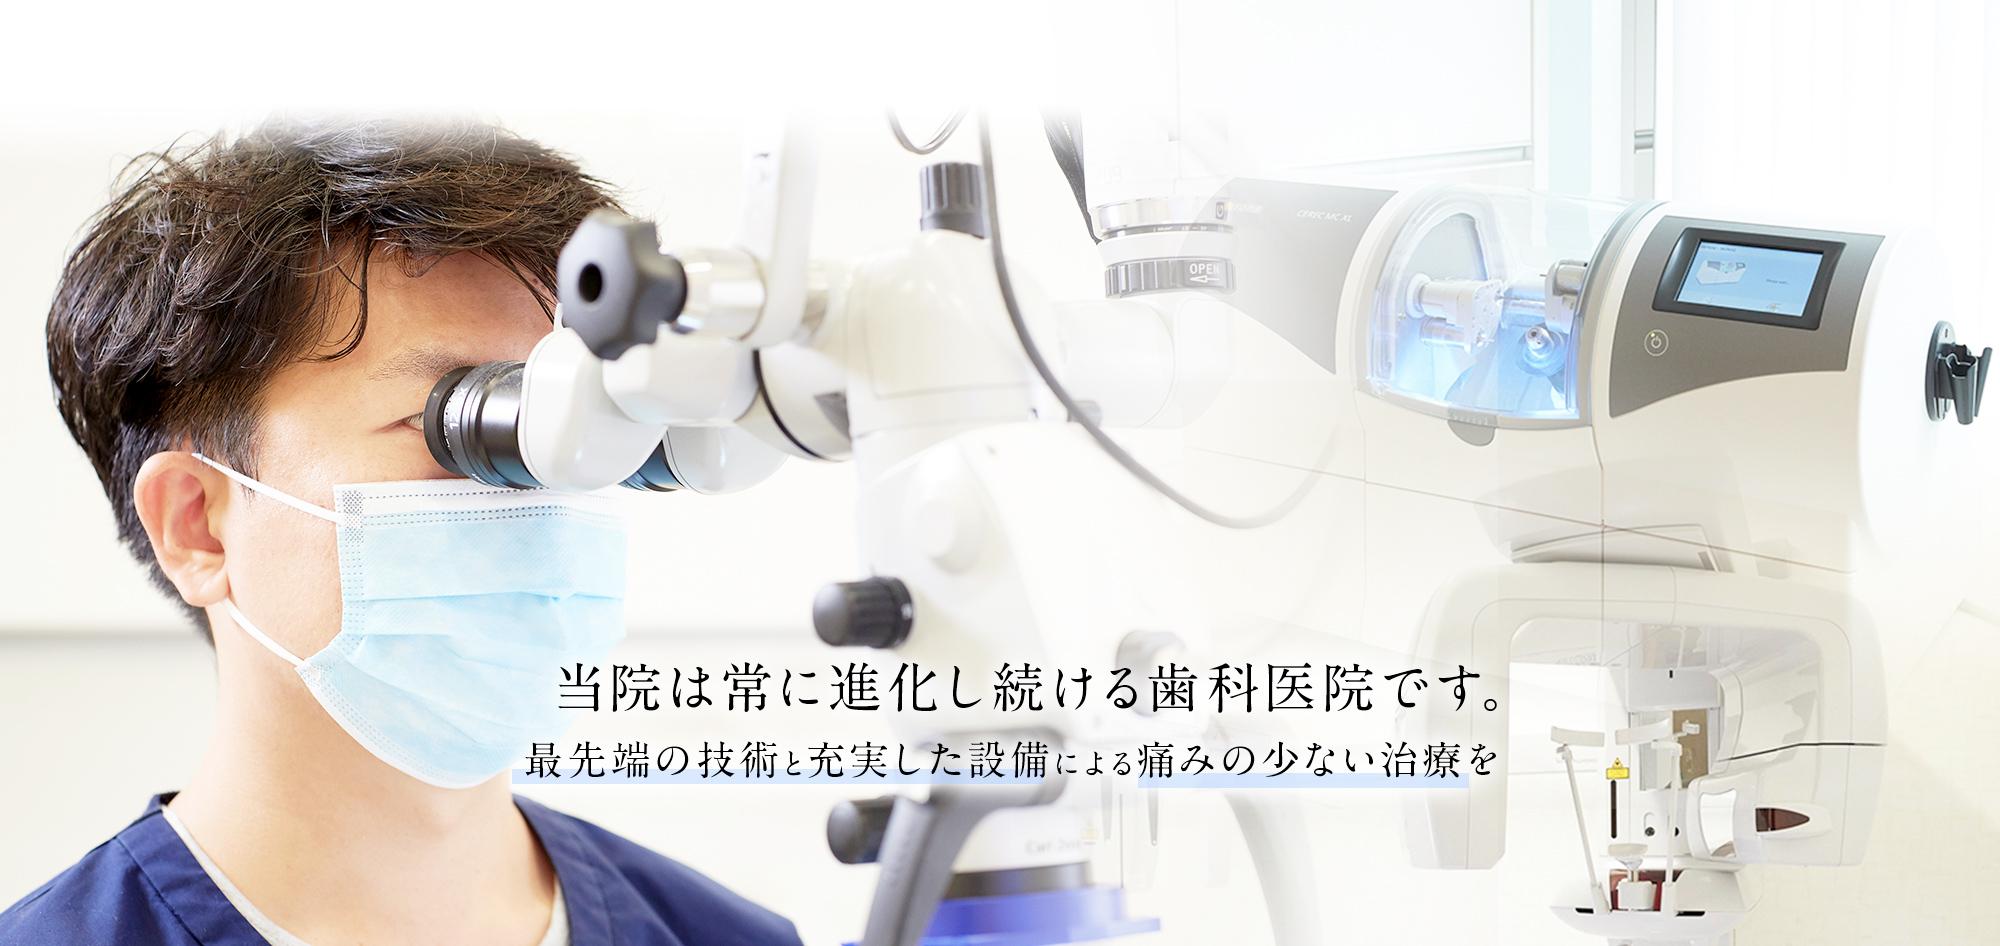 当院は常に進化し続ける歯科医院です。最先端の技術と充実した設備による痛みの少ない治療を